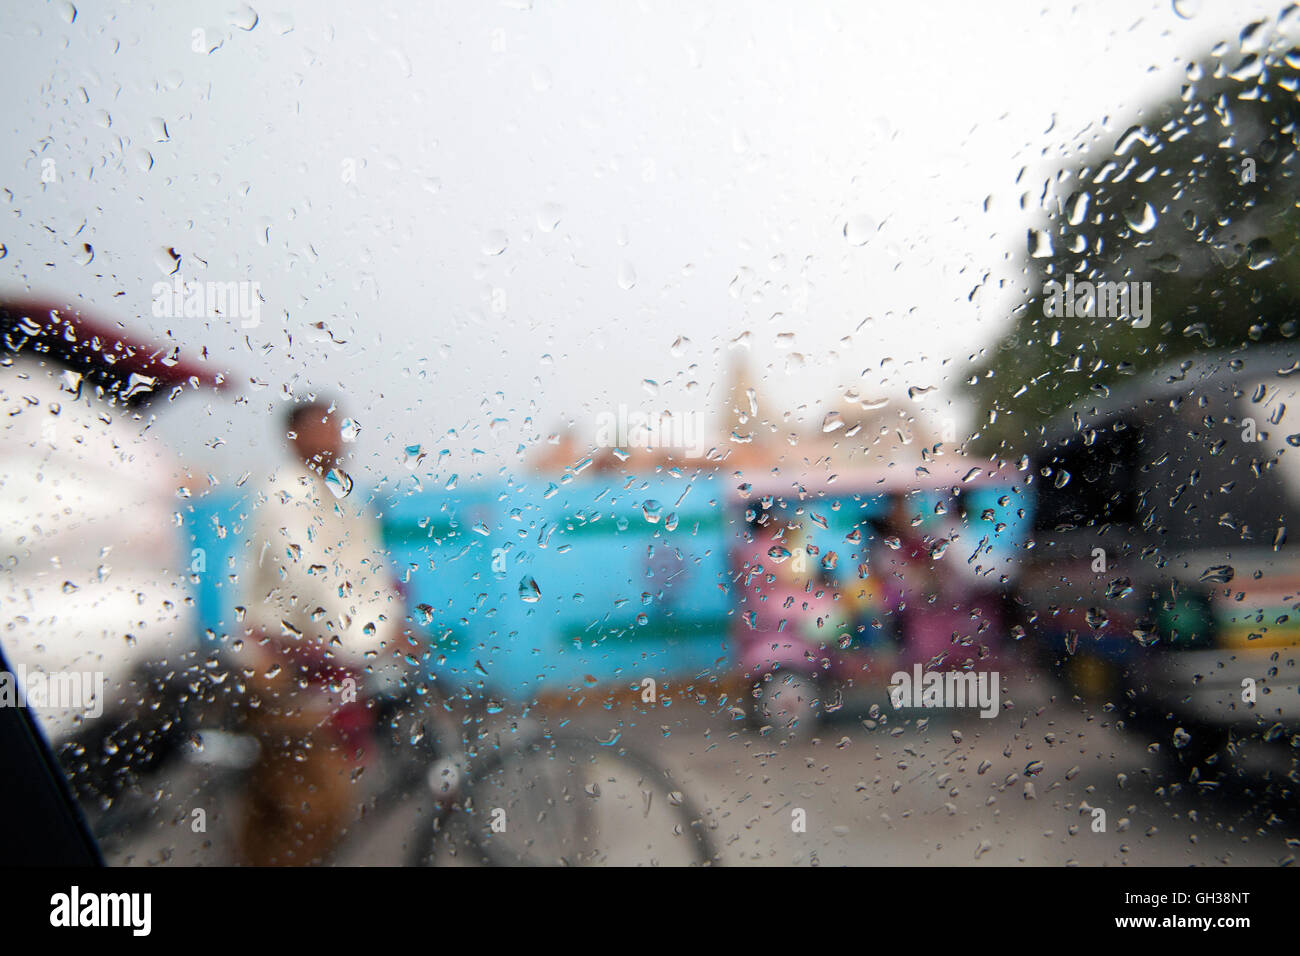 Calle, Avenida las gotas de lluvia, ventanilla, Monzón Imagen De Stock